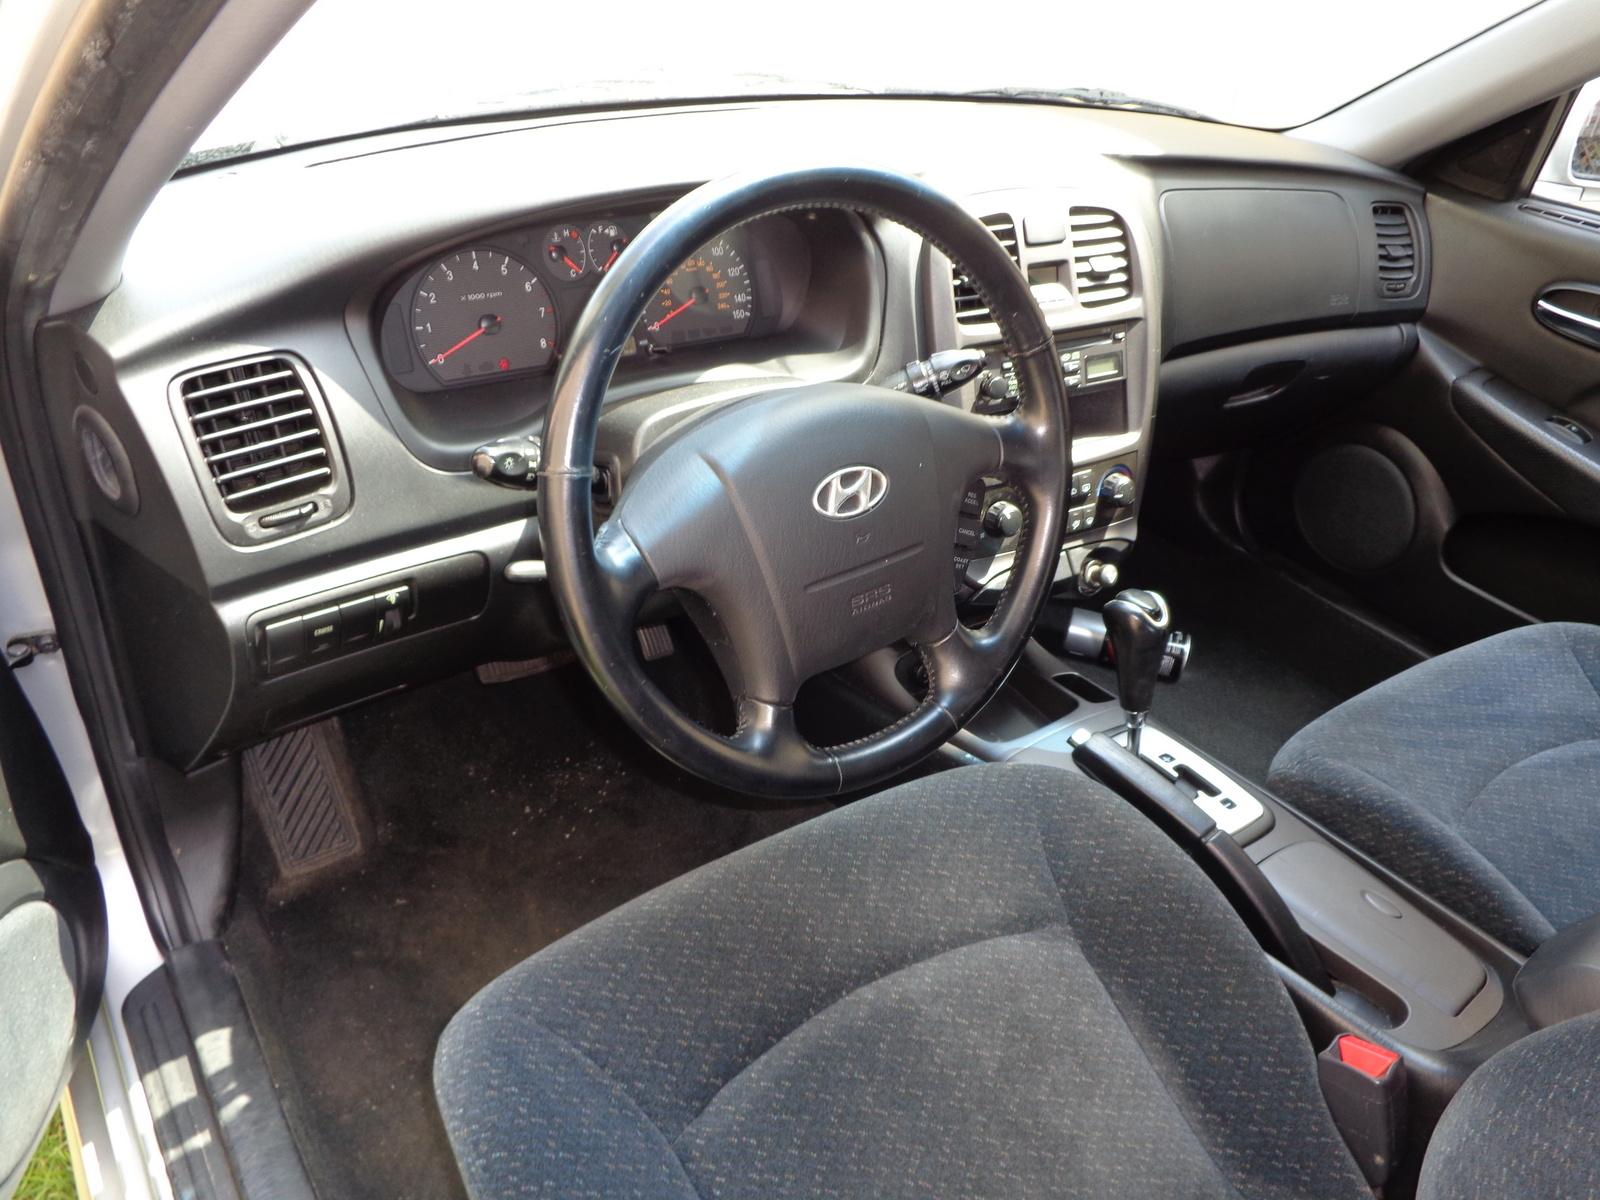 2005 Hyundai Sonata Interior Pictures Cargurus